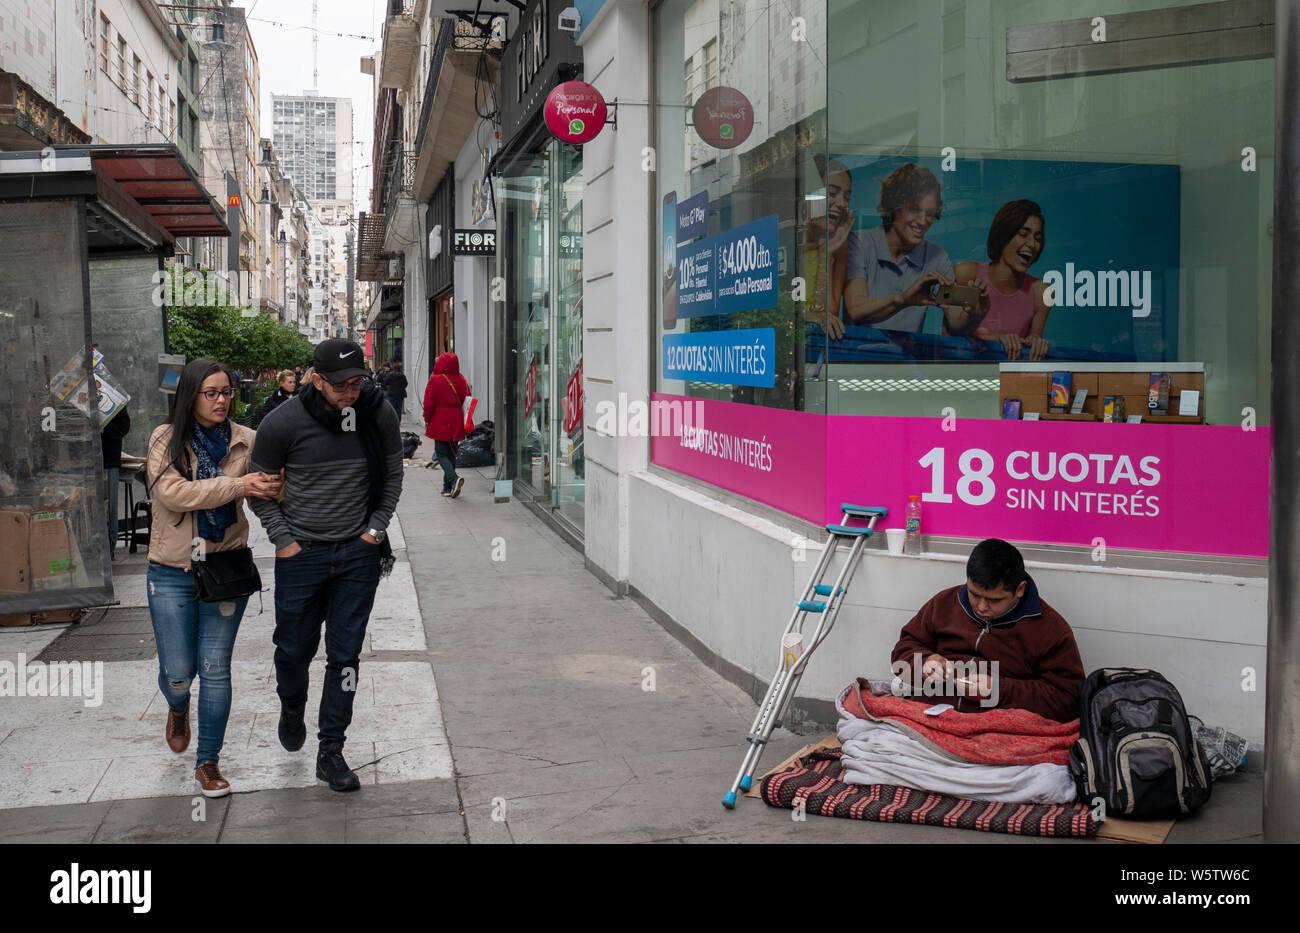 Buenos Aires, 23 de Julio de 2019. La crisis económica golpea Argentina. 8.000 personas viven en la calle pese al crudo invierno sólo en Buenos Aires. Stock Photo